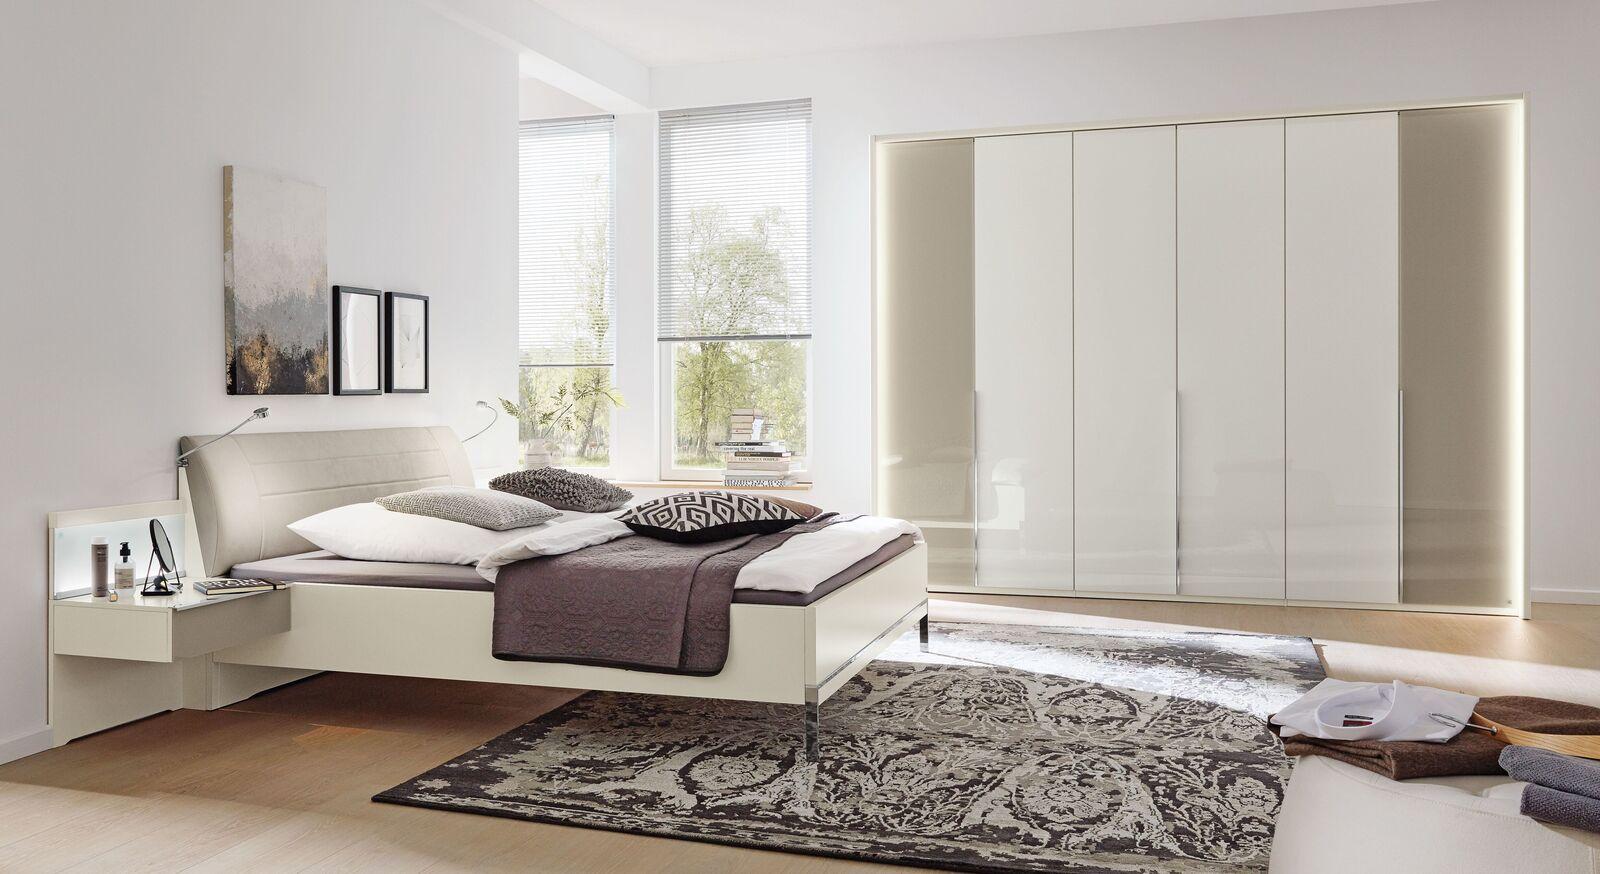 MUSTERRING Schlafzimmer San Diego Weiß mit abgestimmten Möbeln